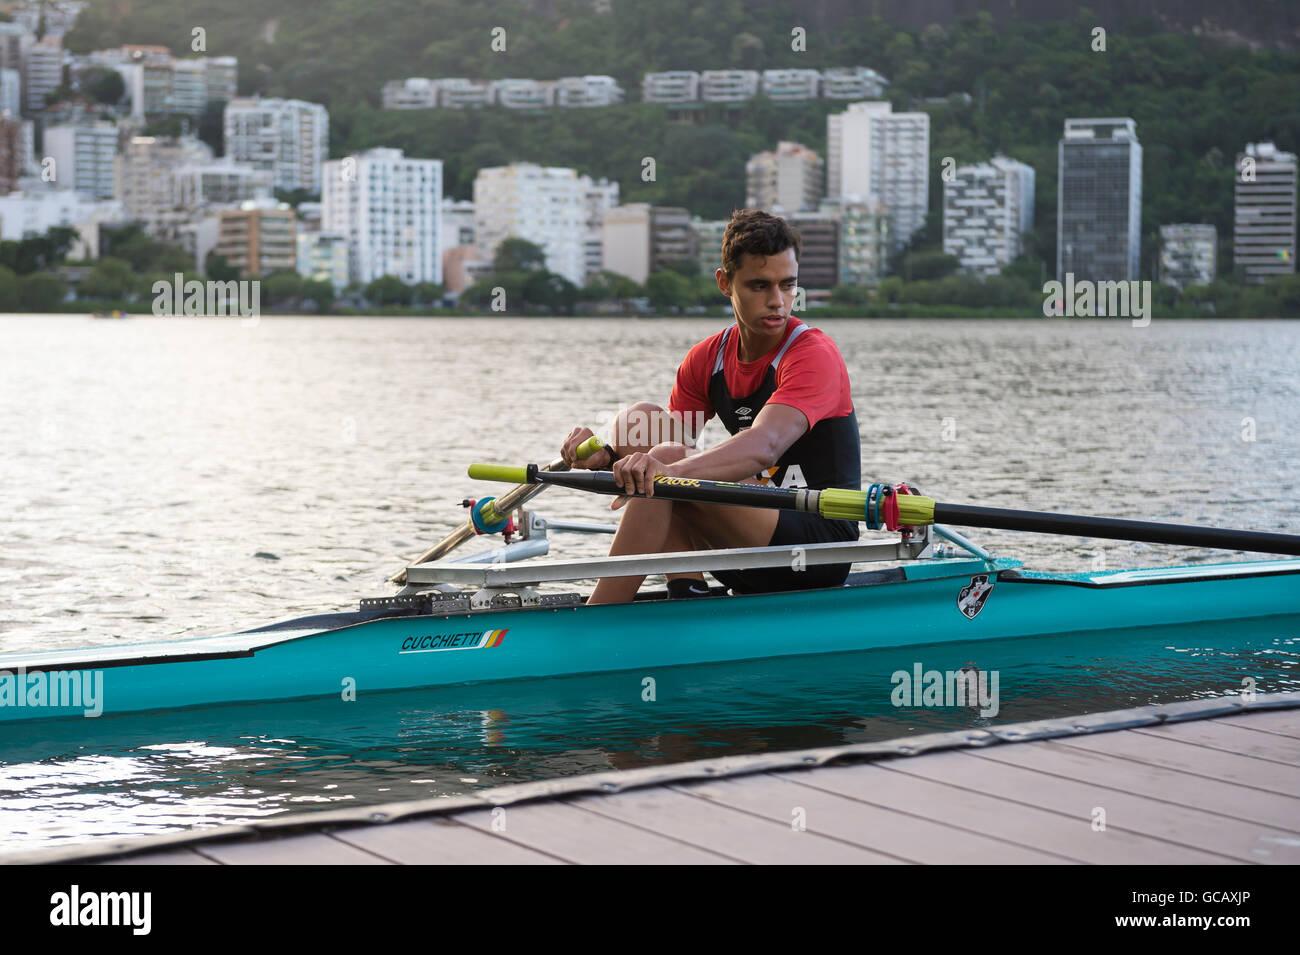 RIO DE JANEIRO - Aprile 1, 2016: un vogatore brasiliano mantiene la sua barca al fianco di un molo a Lagoa Rodrigo Immagini Stock